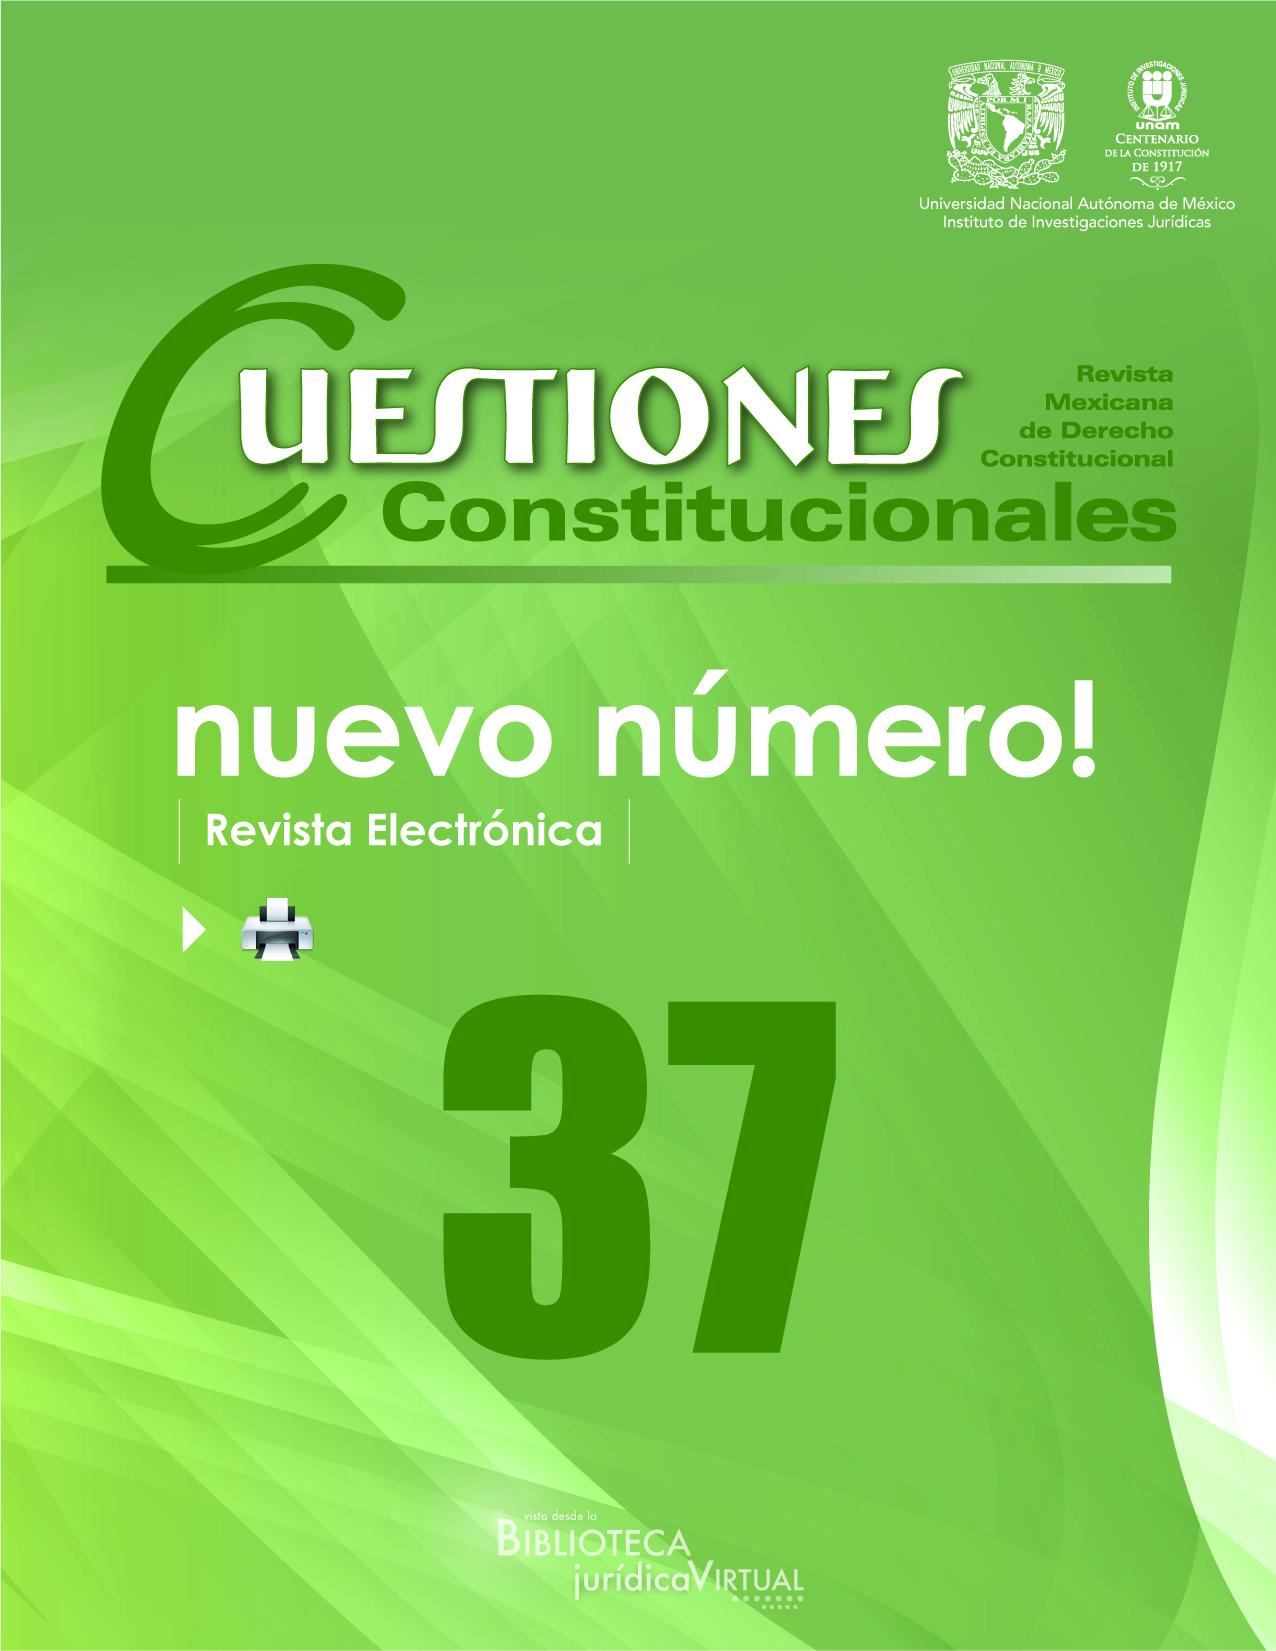 <b>Cuestiones Constitucionales. Revista Mexicana de Derecho Constitucional Número 37, Julio-Diciembre de 2017</b>